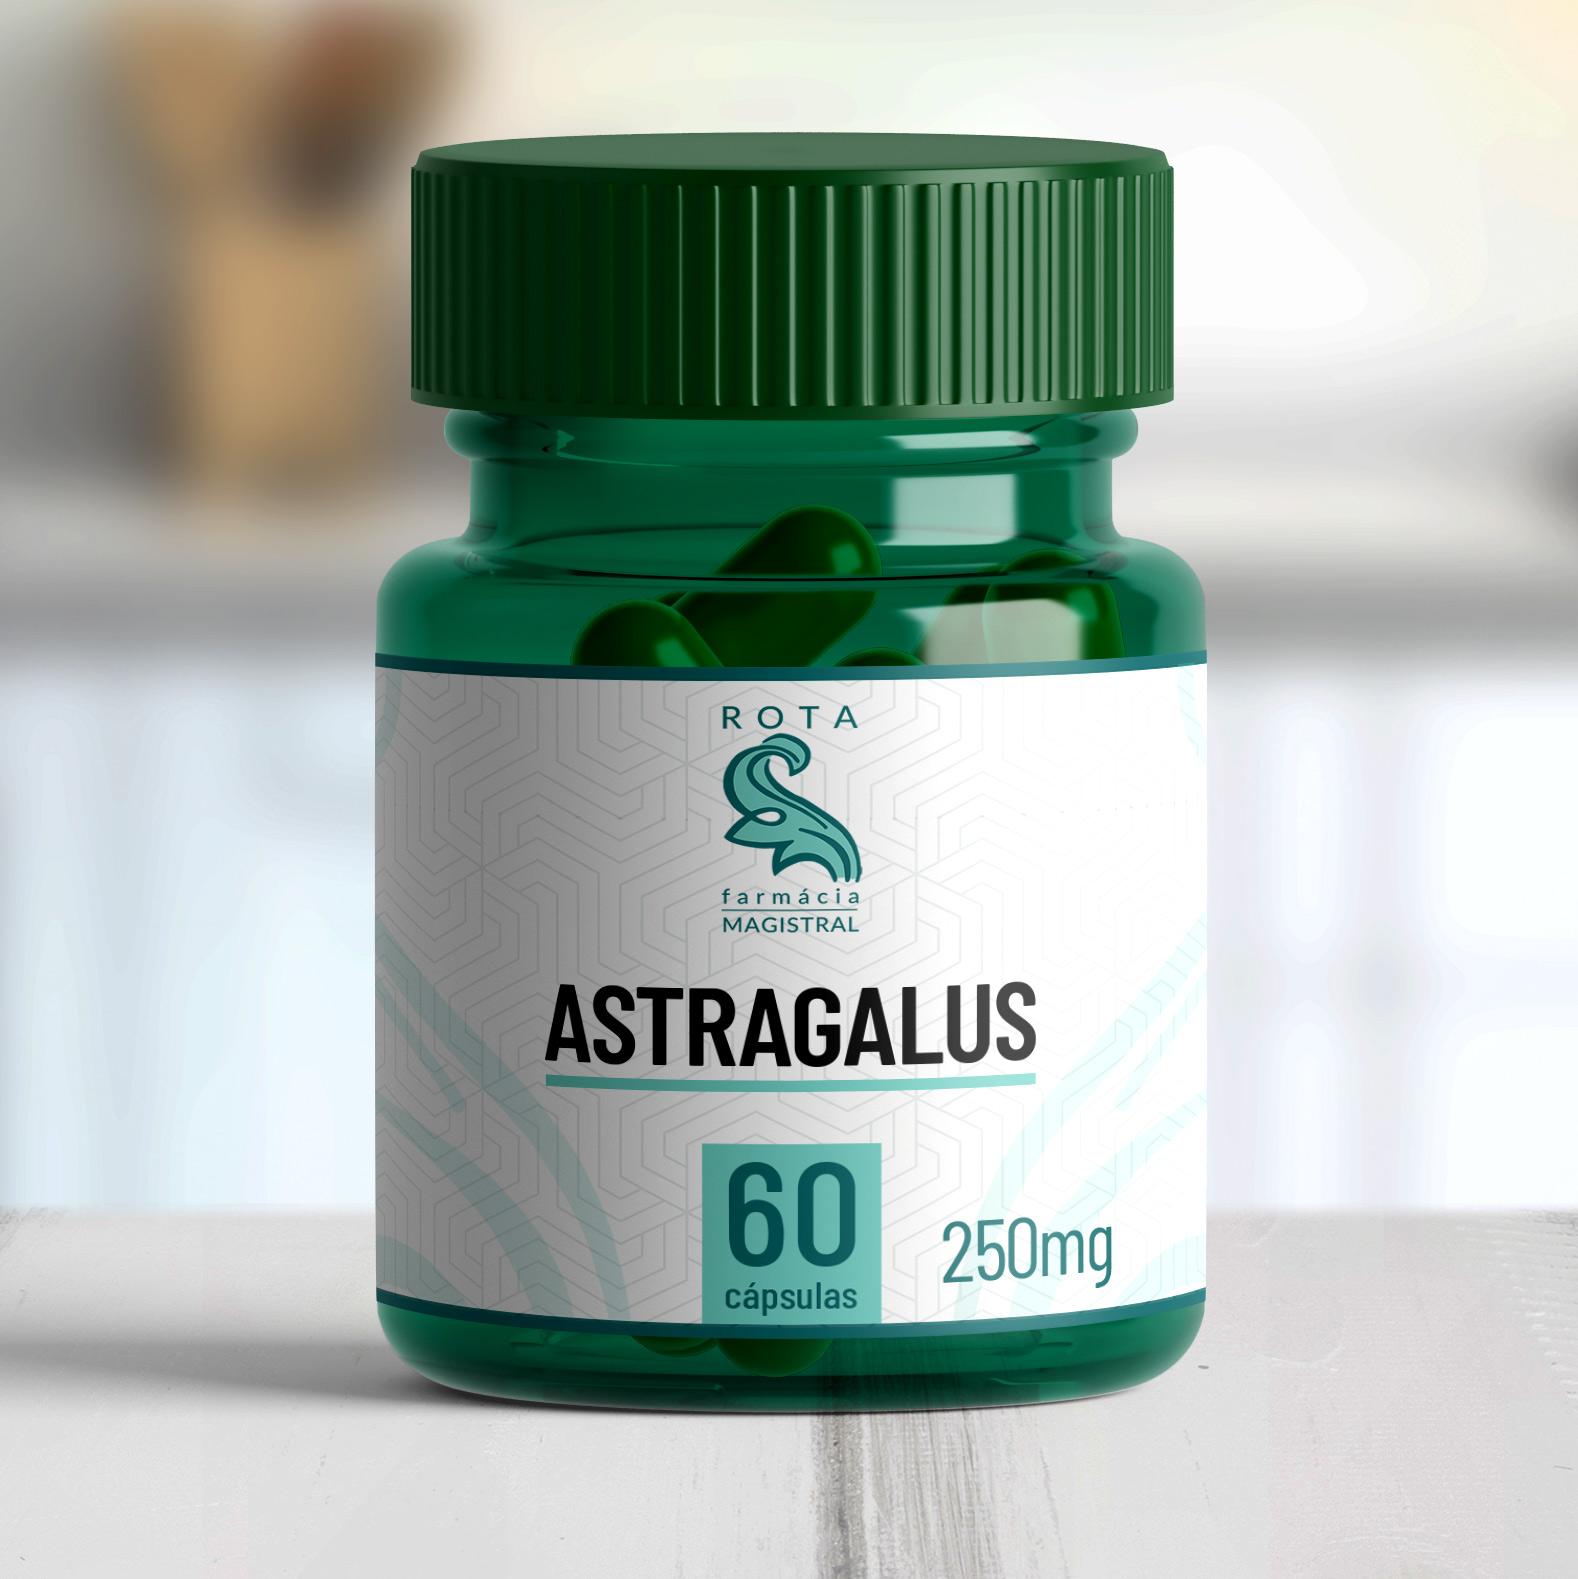 Astragalus 250mg 60 cápsulas